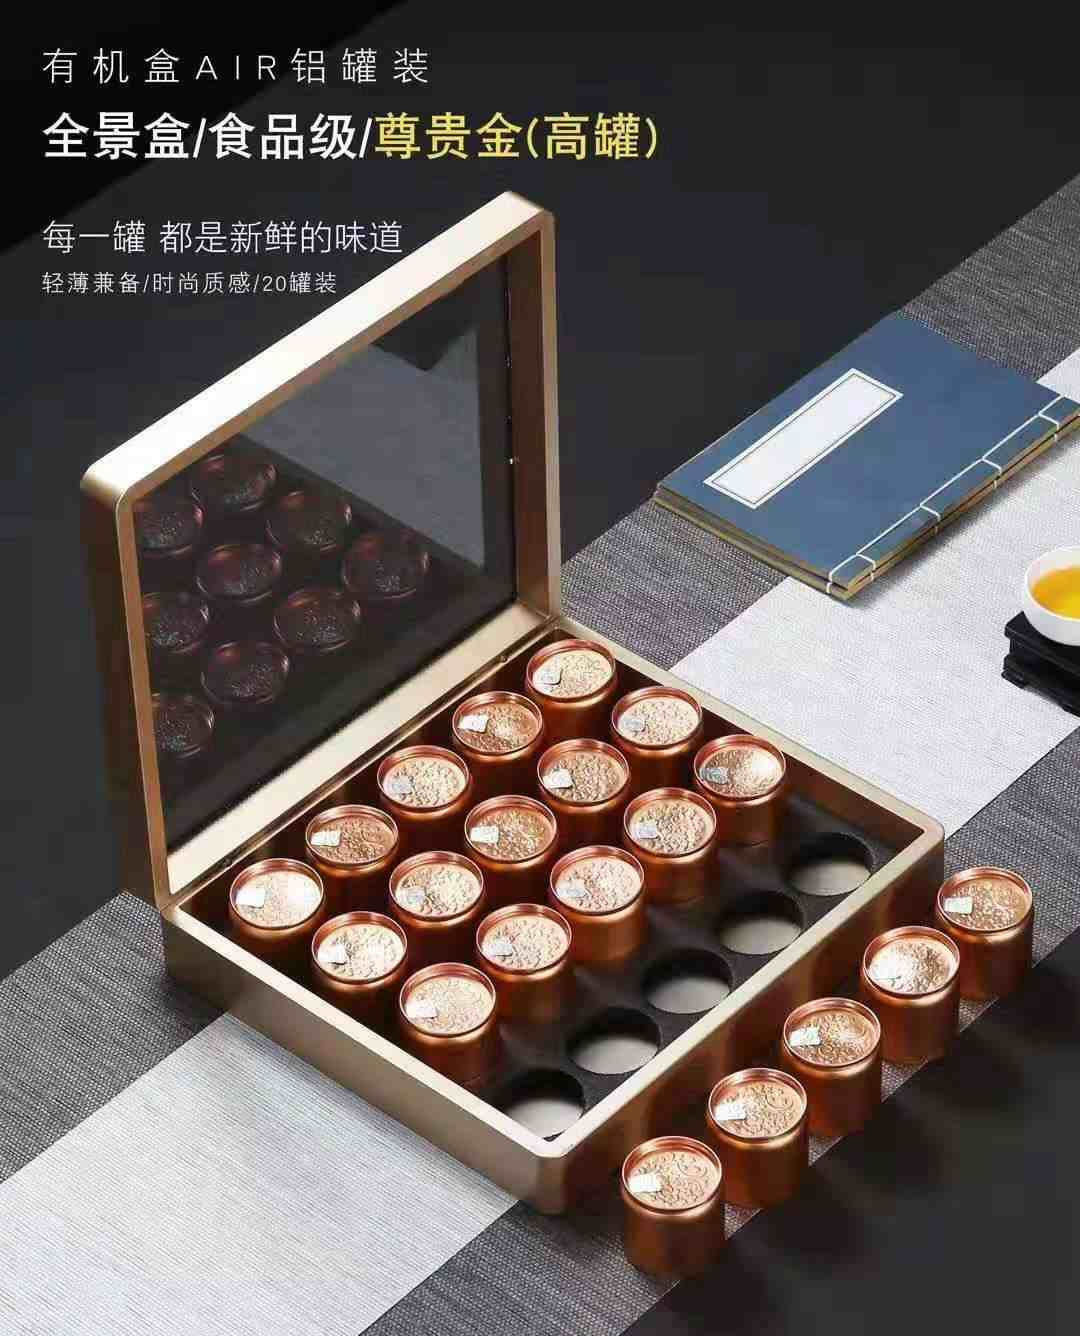 销售企业茶礼定制性价比高 和谐共赢「深圳市江源也美广告供应」